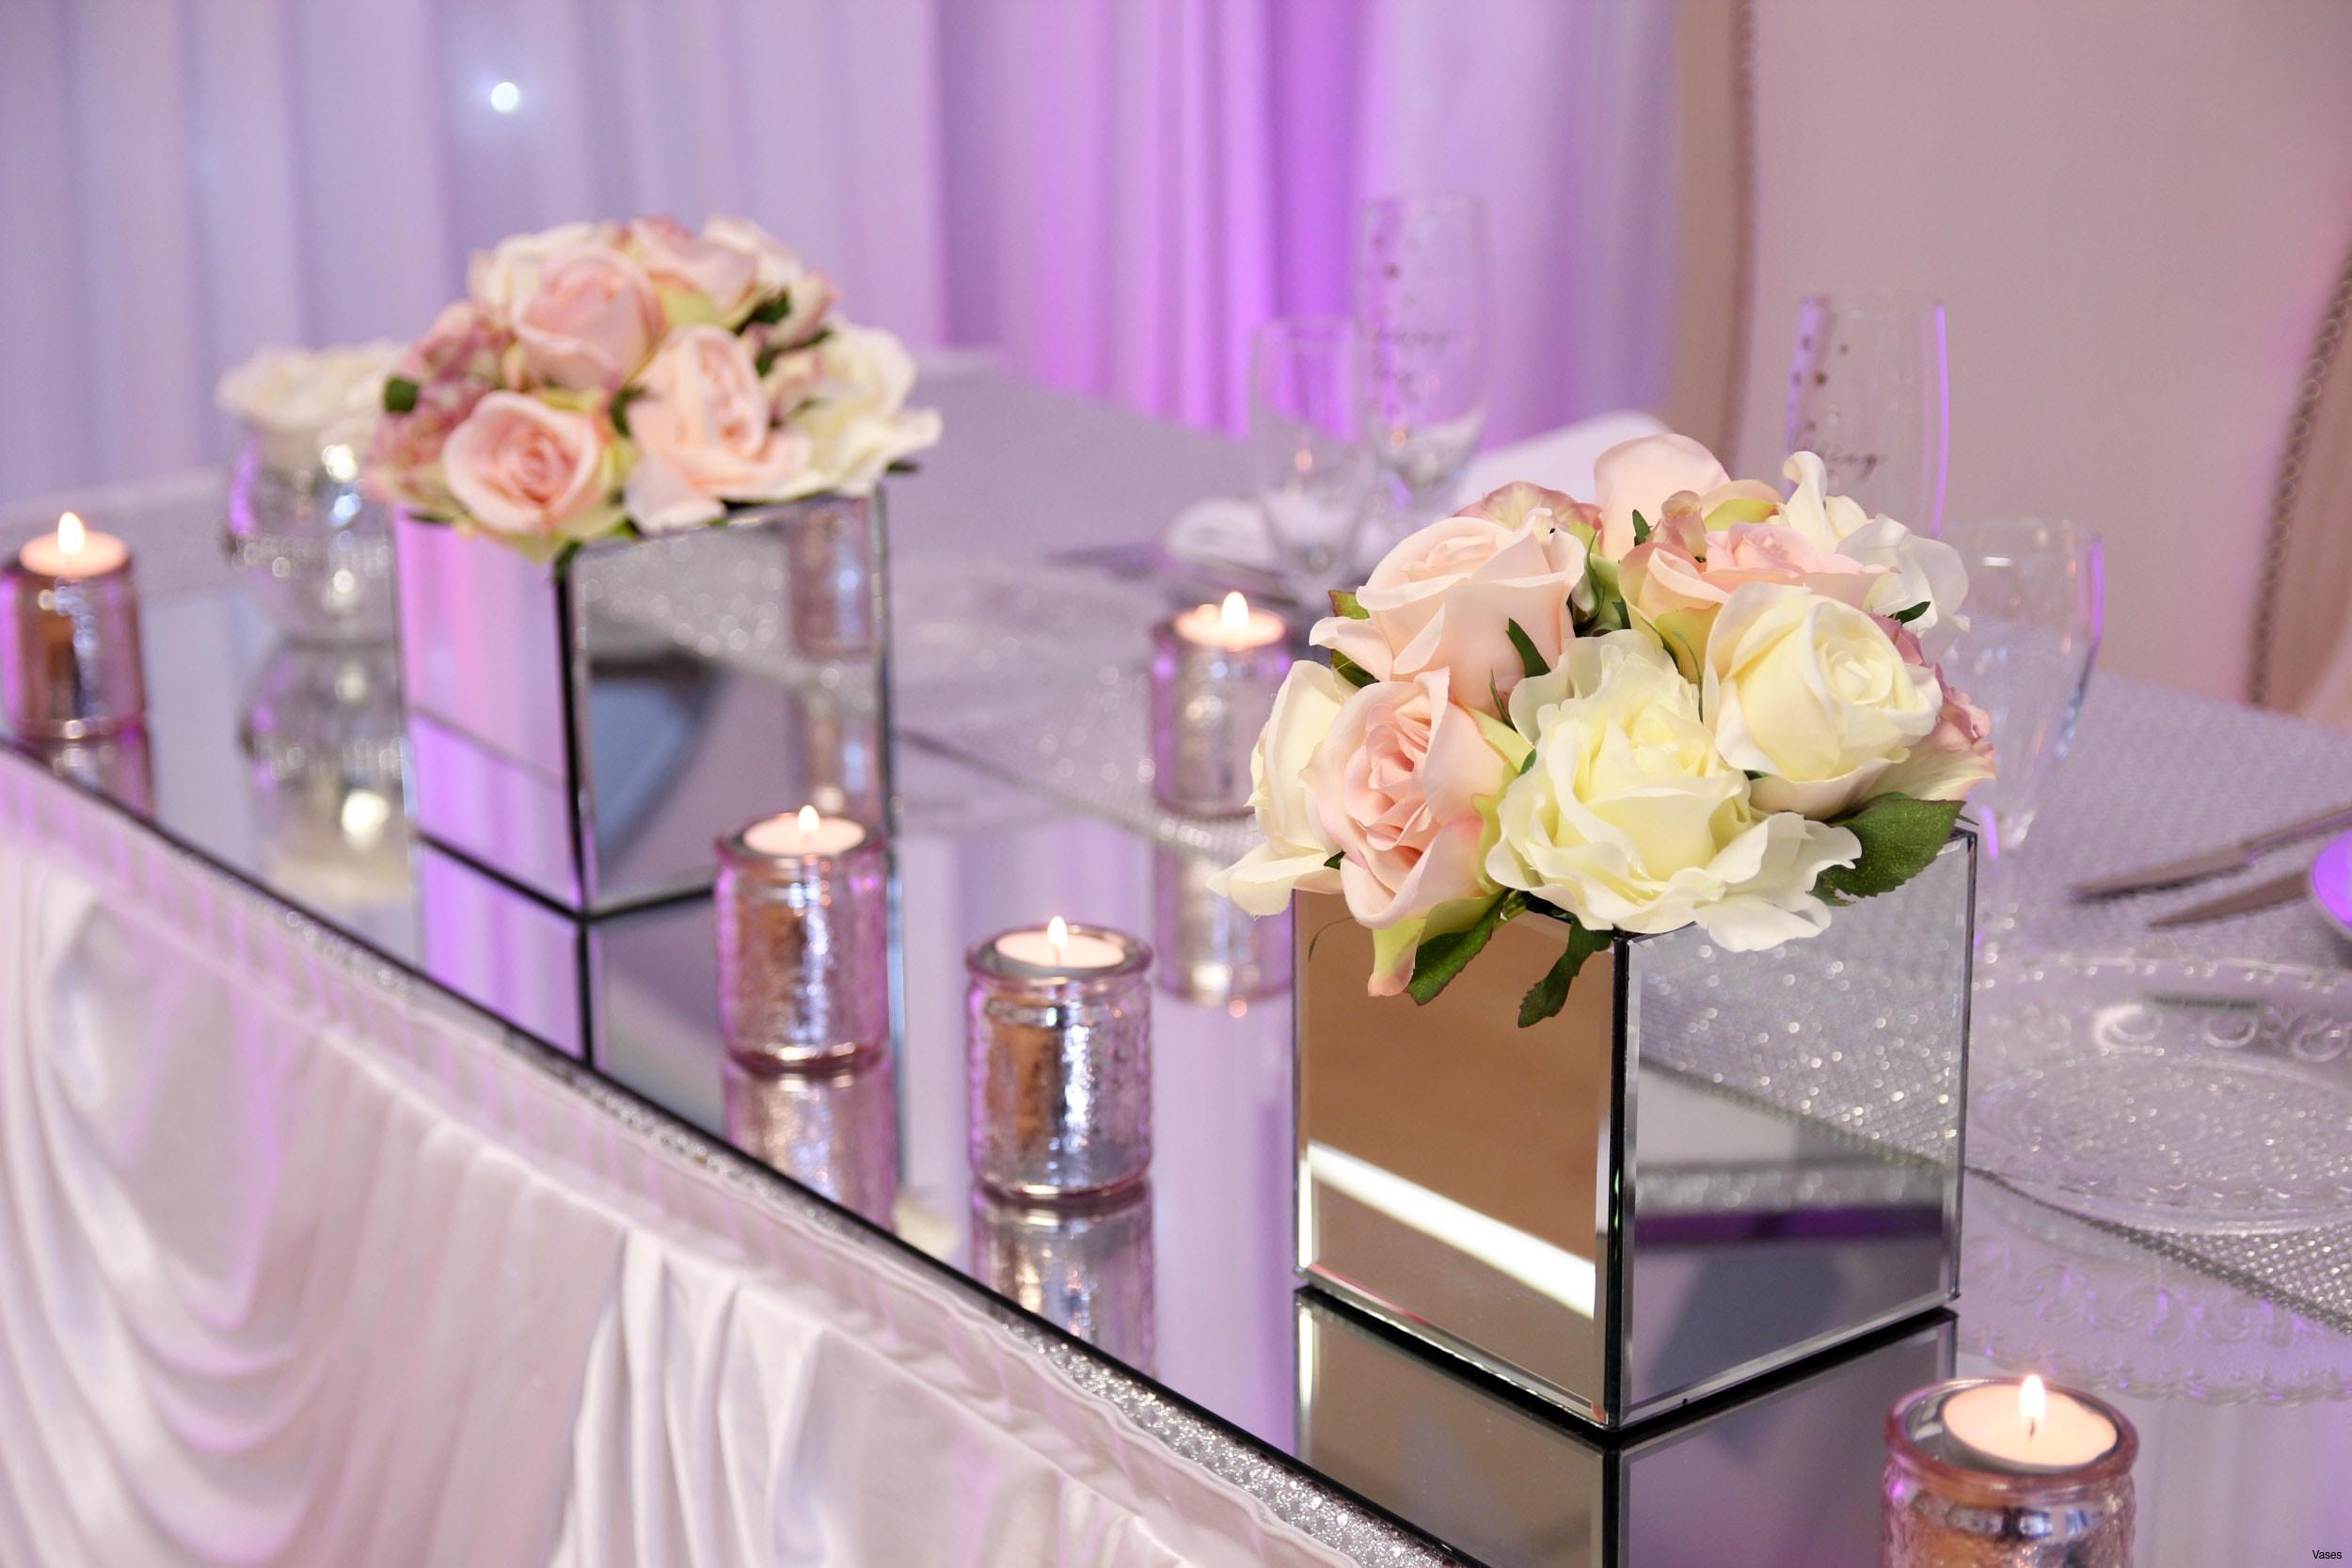 flat round glass vase of table de soudage meilleur de mirrored square vase 3h vases mirror regarding mirrored square vase 3h vases mirror table decorationi 0d weddings